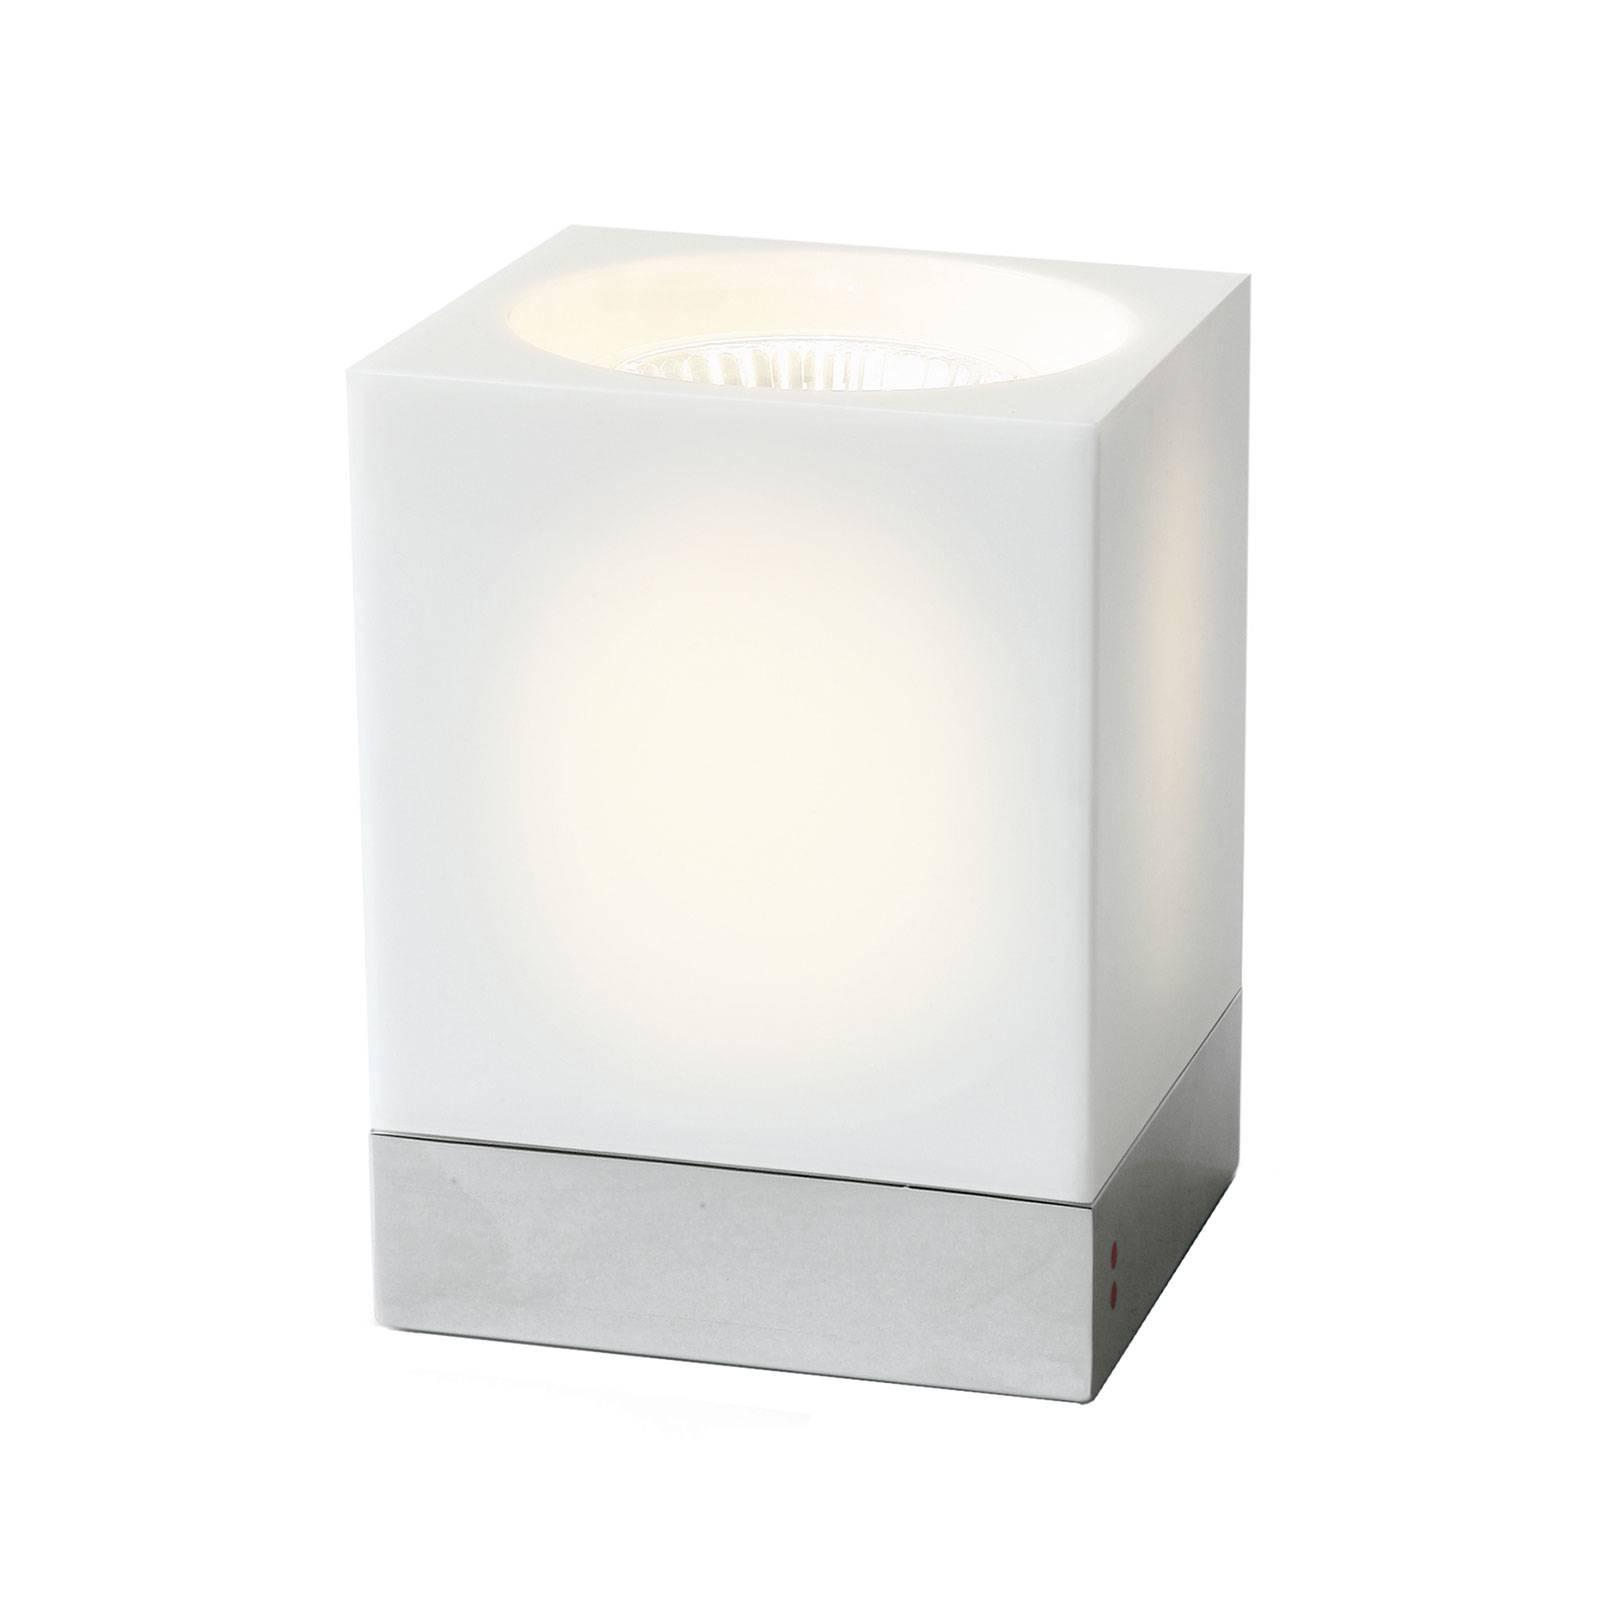 Fabbian Cubetto Tischleuchte GU10 chrom/weiß günstig online kaufen